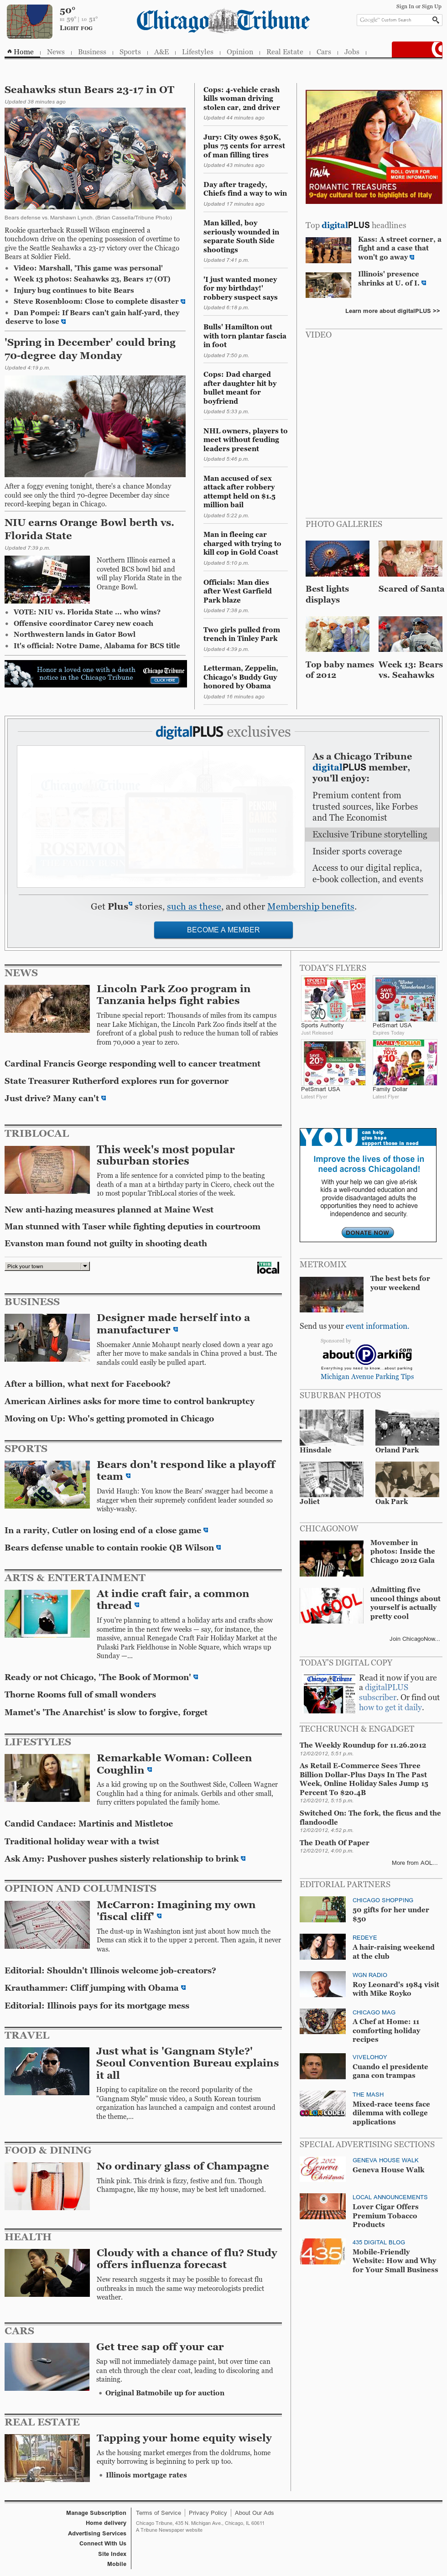 Chicago Tribune at Monday Dec. 3, 2012, 3:05 a.m. UTC